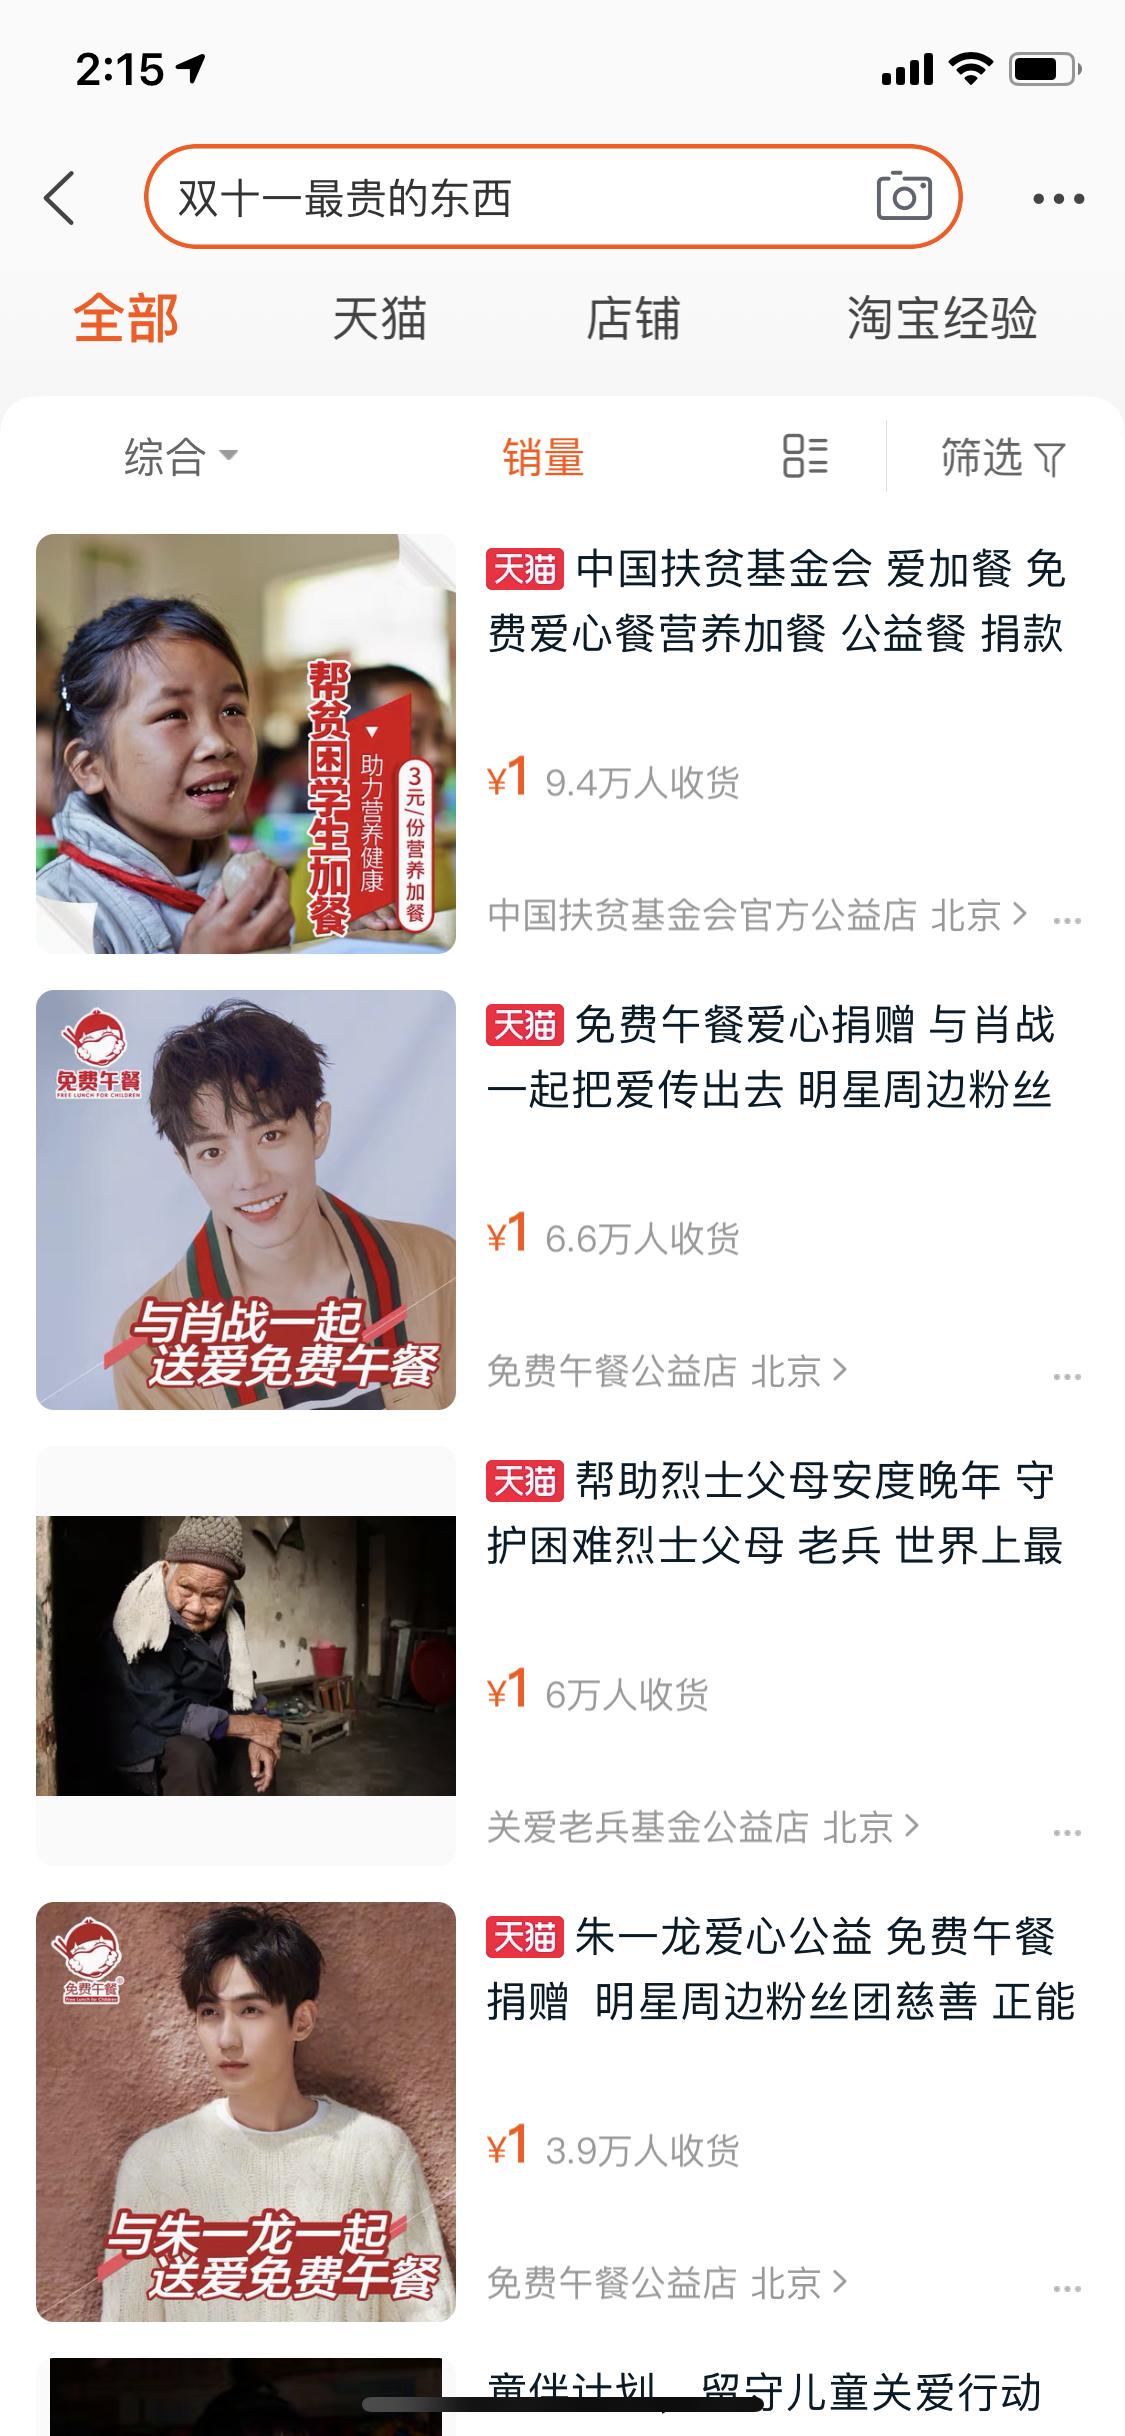 http://www.xqweigou.com/dianshangO2O/77389.html